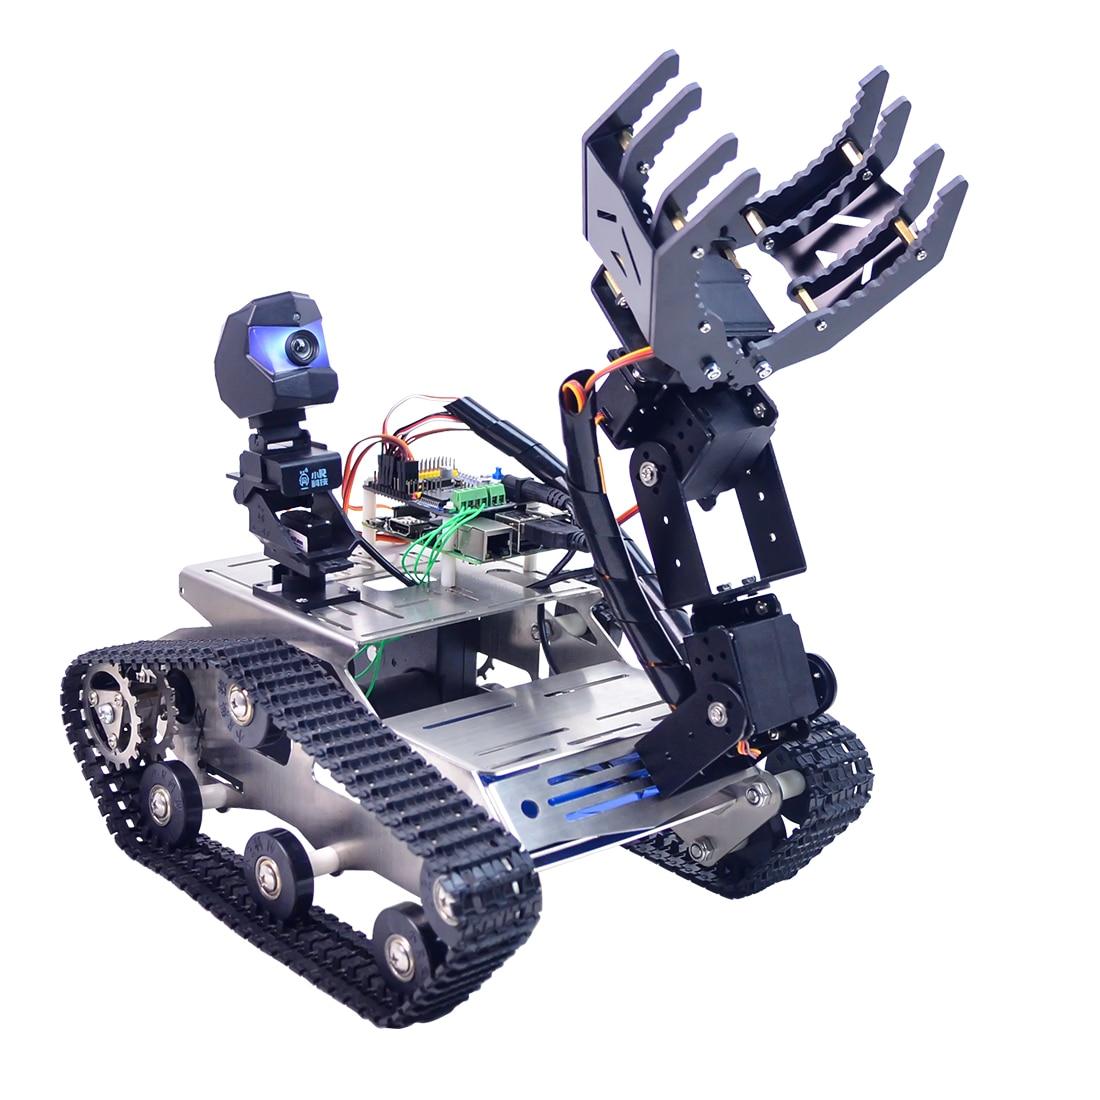 Kit de voiture Robot de réservoir FPV WiFi Programmable avec bras pour Arduino méga ligne Obstacle de patrouille éviter la grande griffe de Version